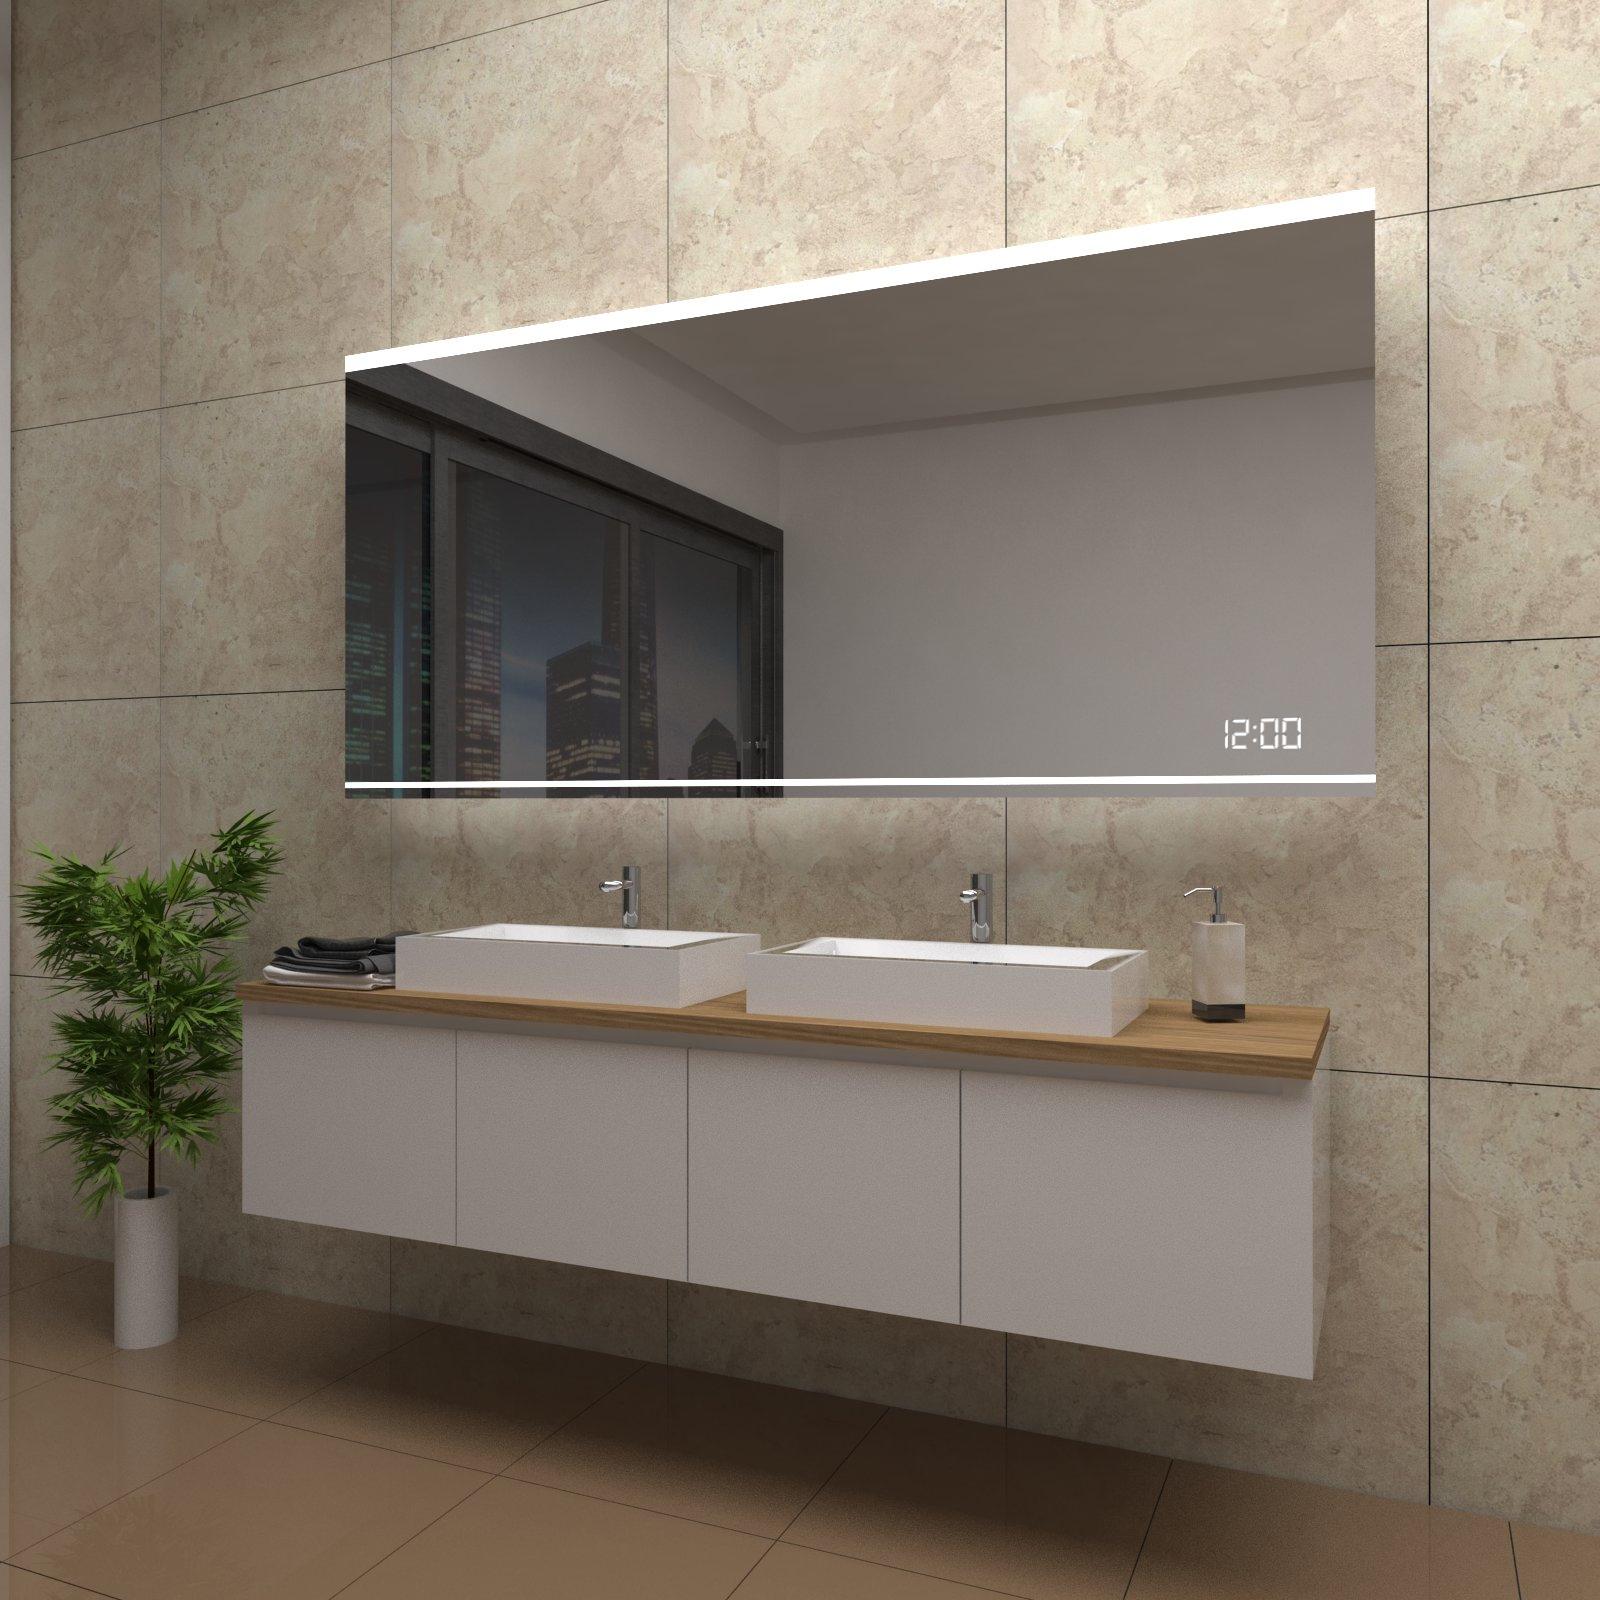 badspiegel mit uhr beschlagfrei. Black Bedroom Furniture Sets. Home Design Ideas